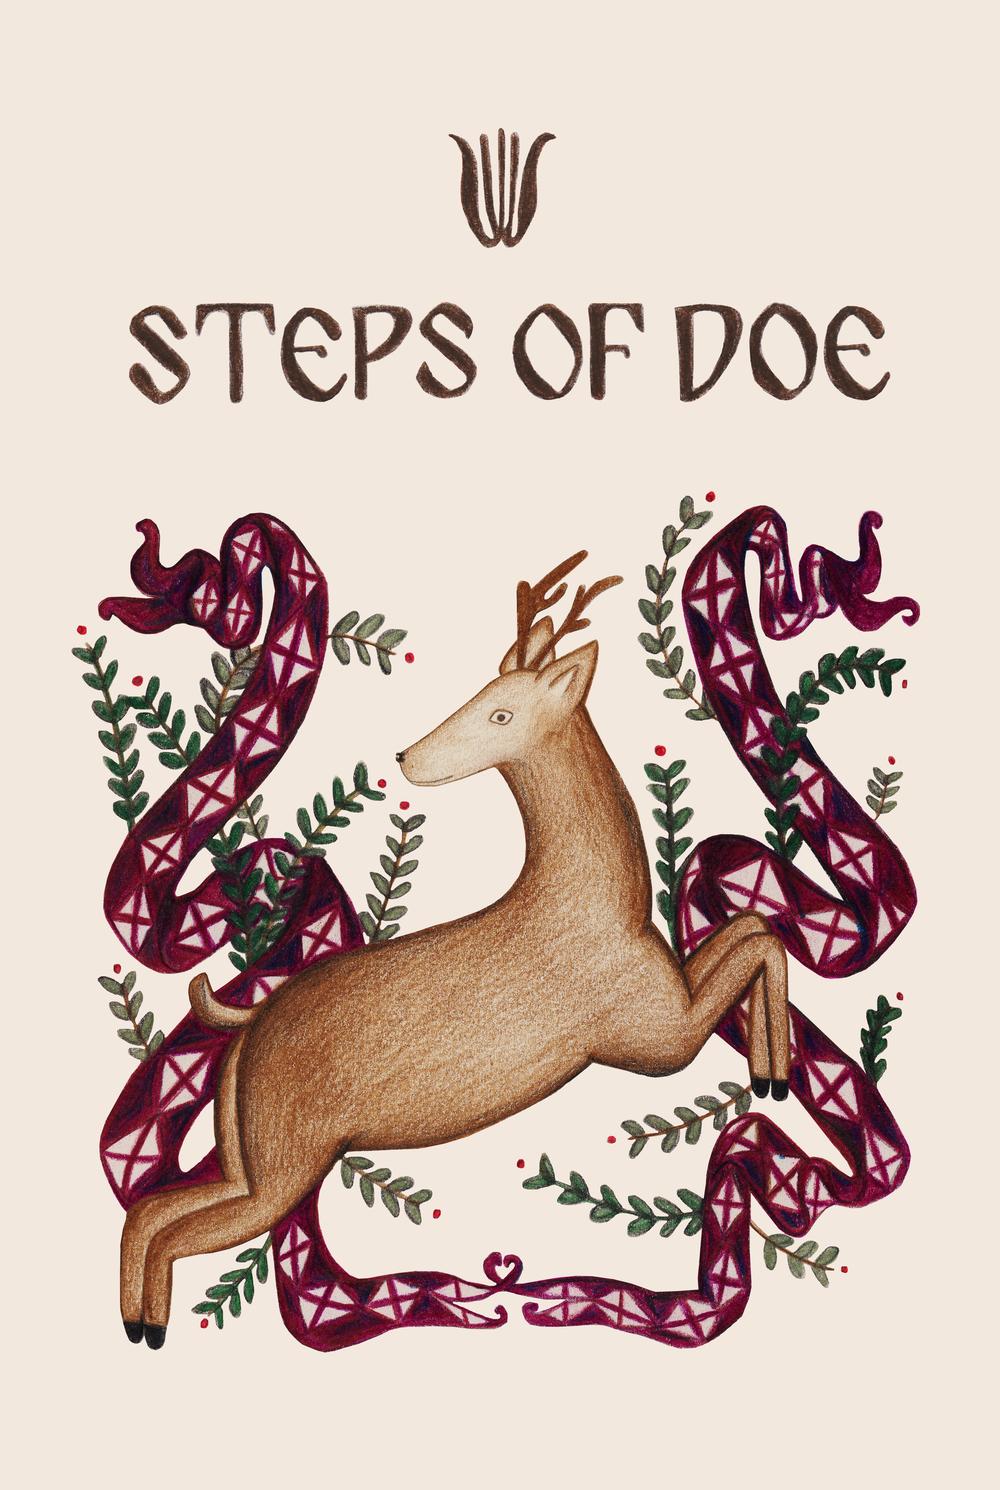 StepsOfDoePosterFinal.jpg